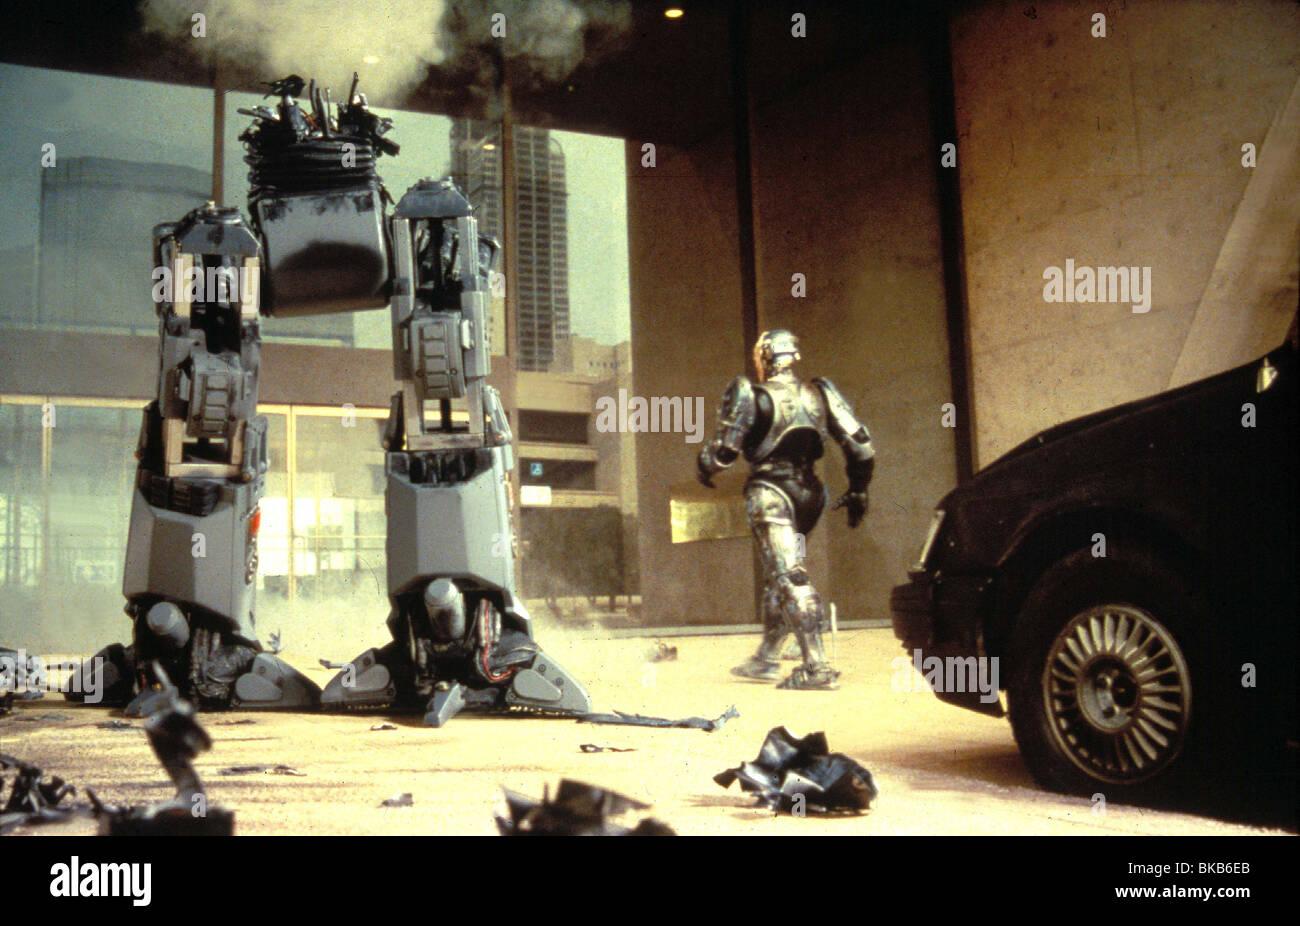 ROBOCOP -1987 - Stock Image